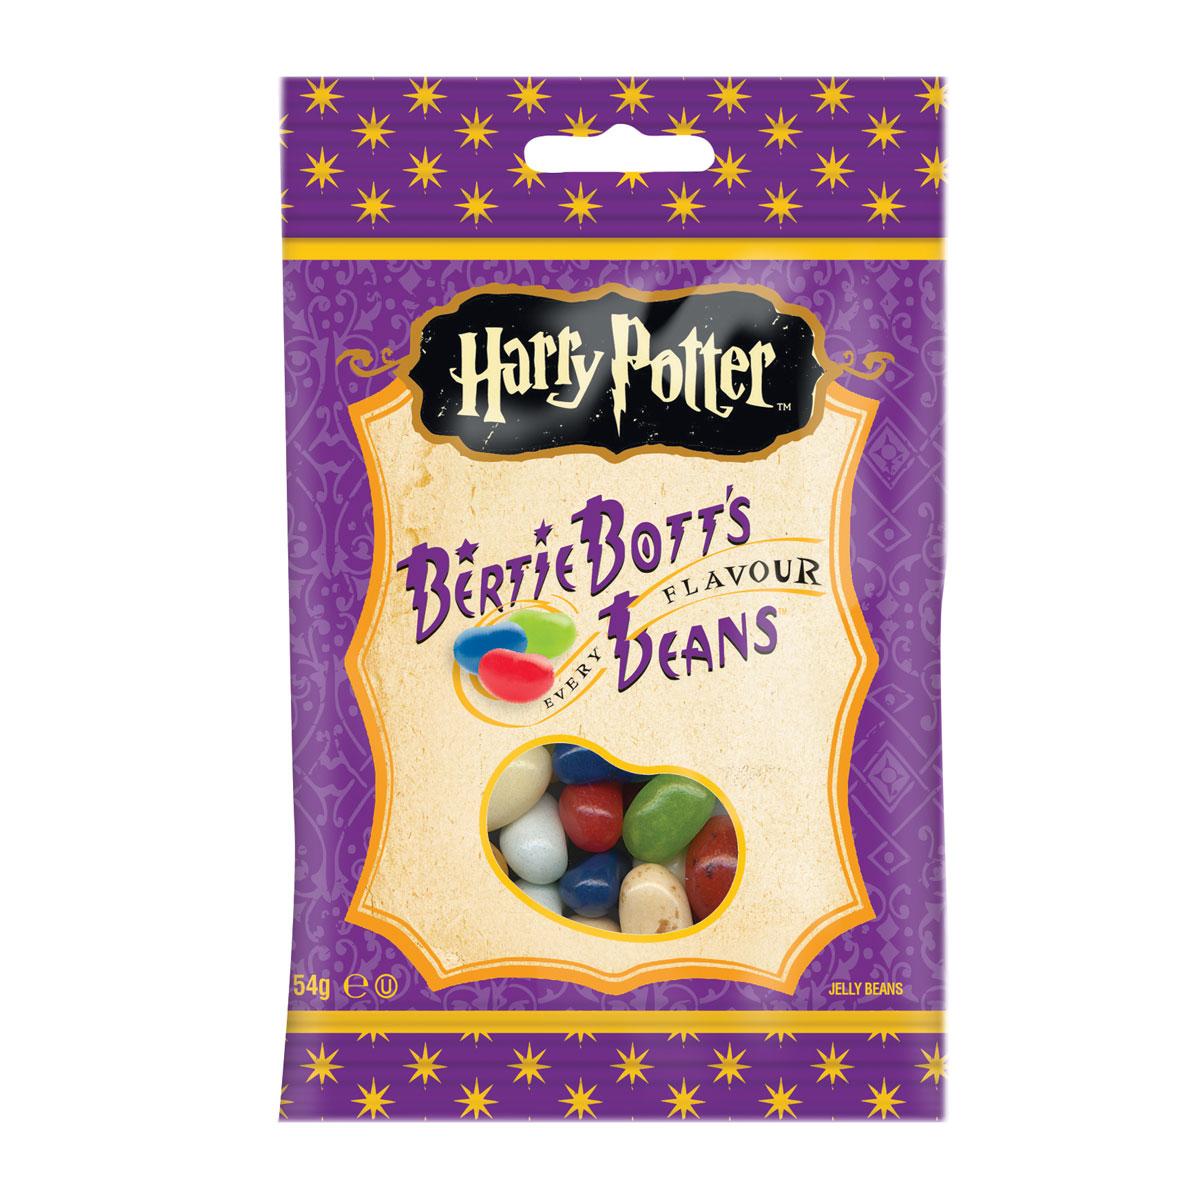 Bertie Bott's Every Flavour Beans 54g bag